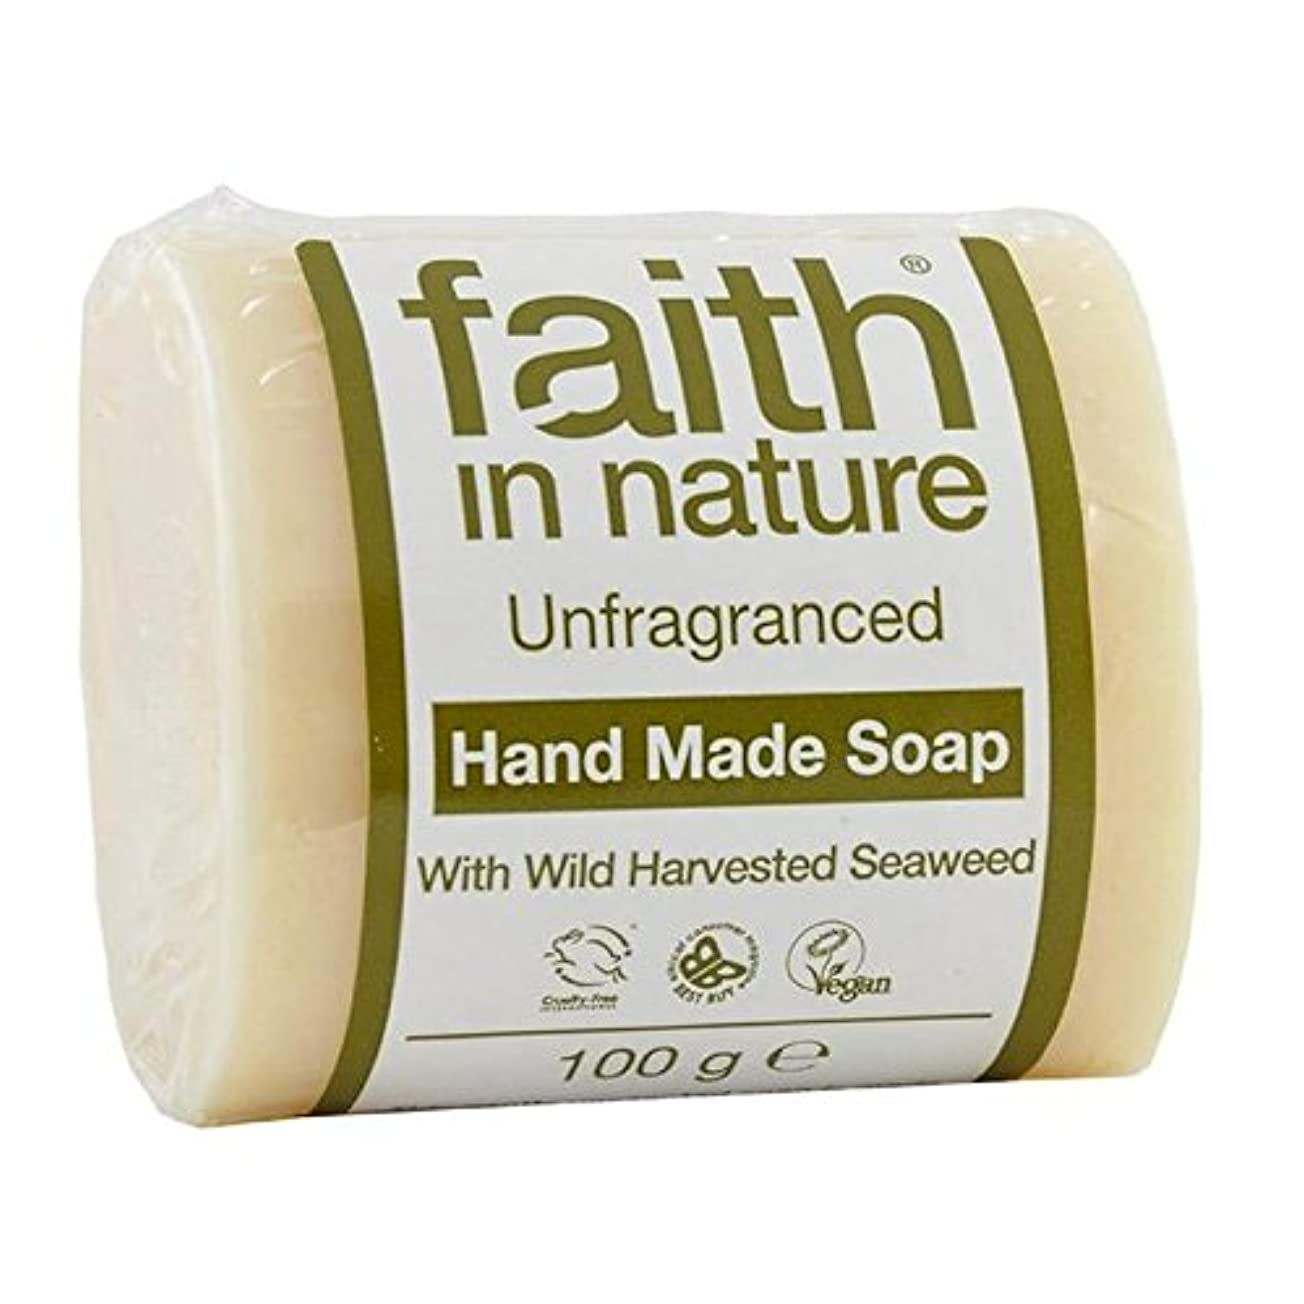 遠い彼女はのためにFaith in Nature Unfragranced Pure Hand Made Soap 100g (Pack of 6) - (Faith In Nature) 自然の中で信仰は純粋な手作り石鹸100グラムを無香料...